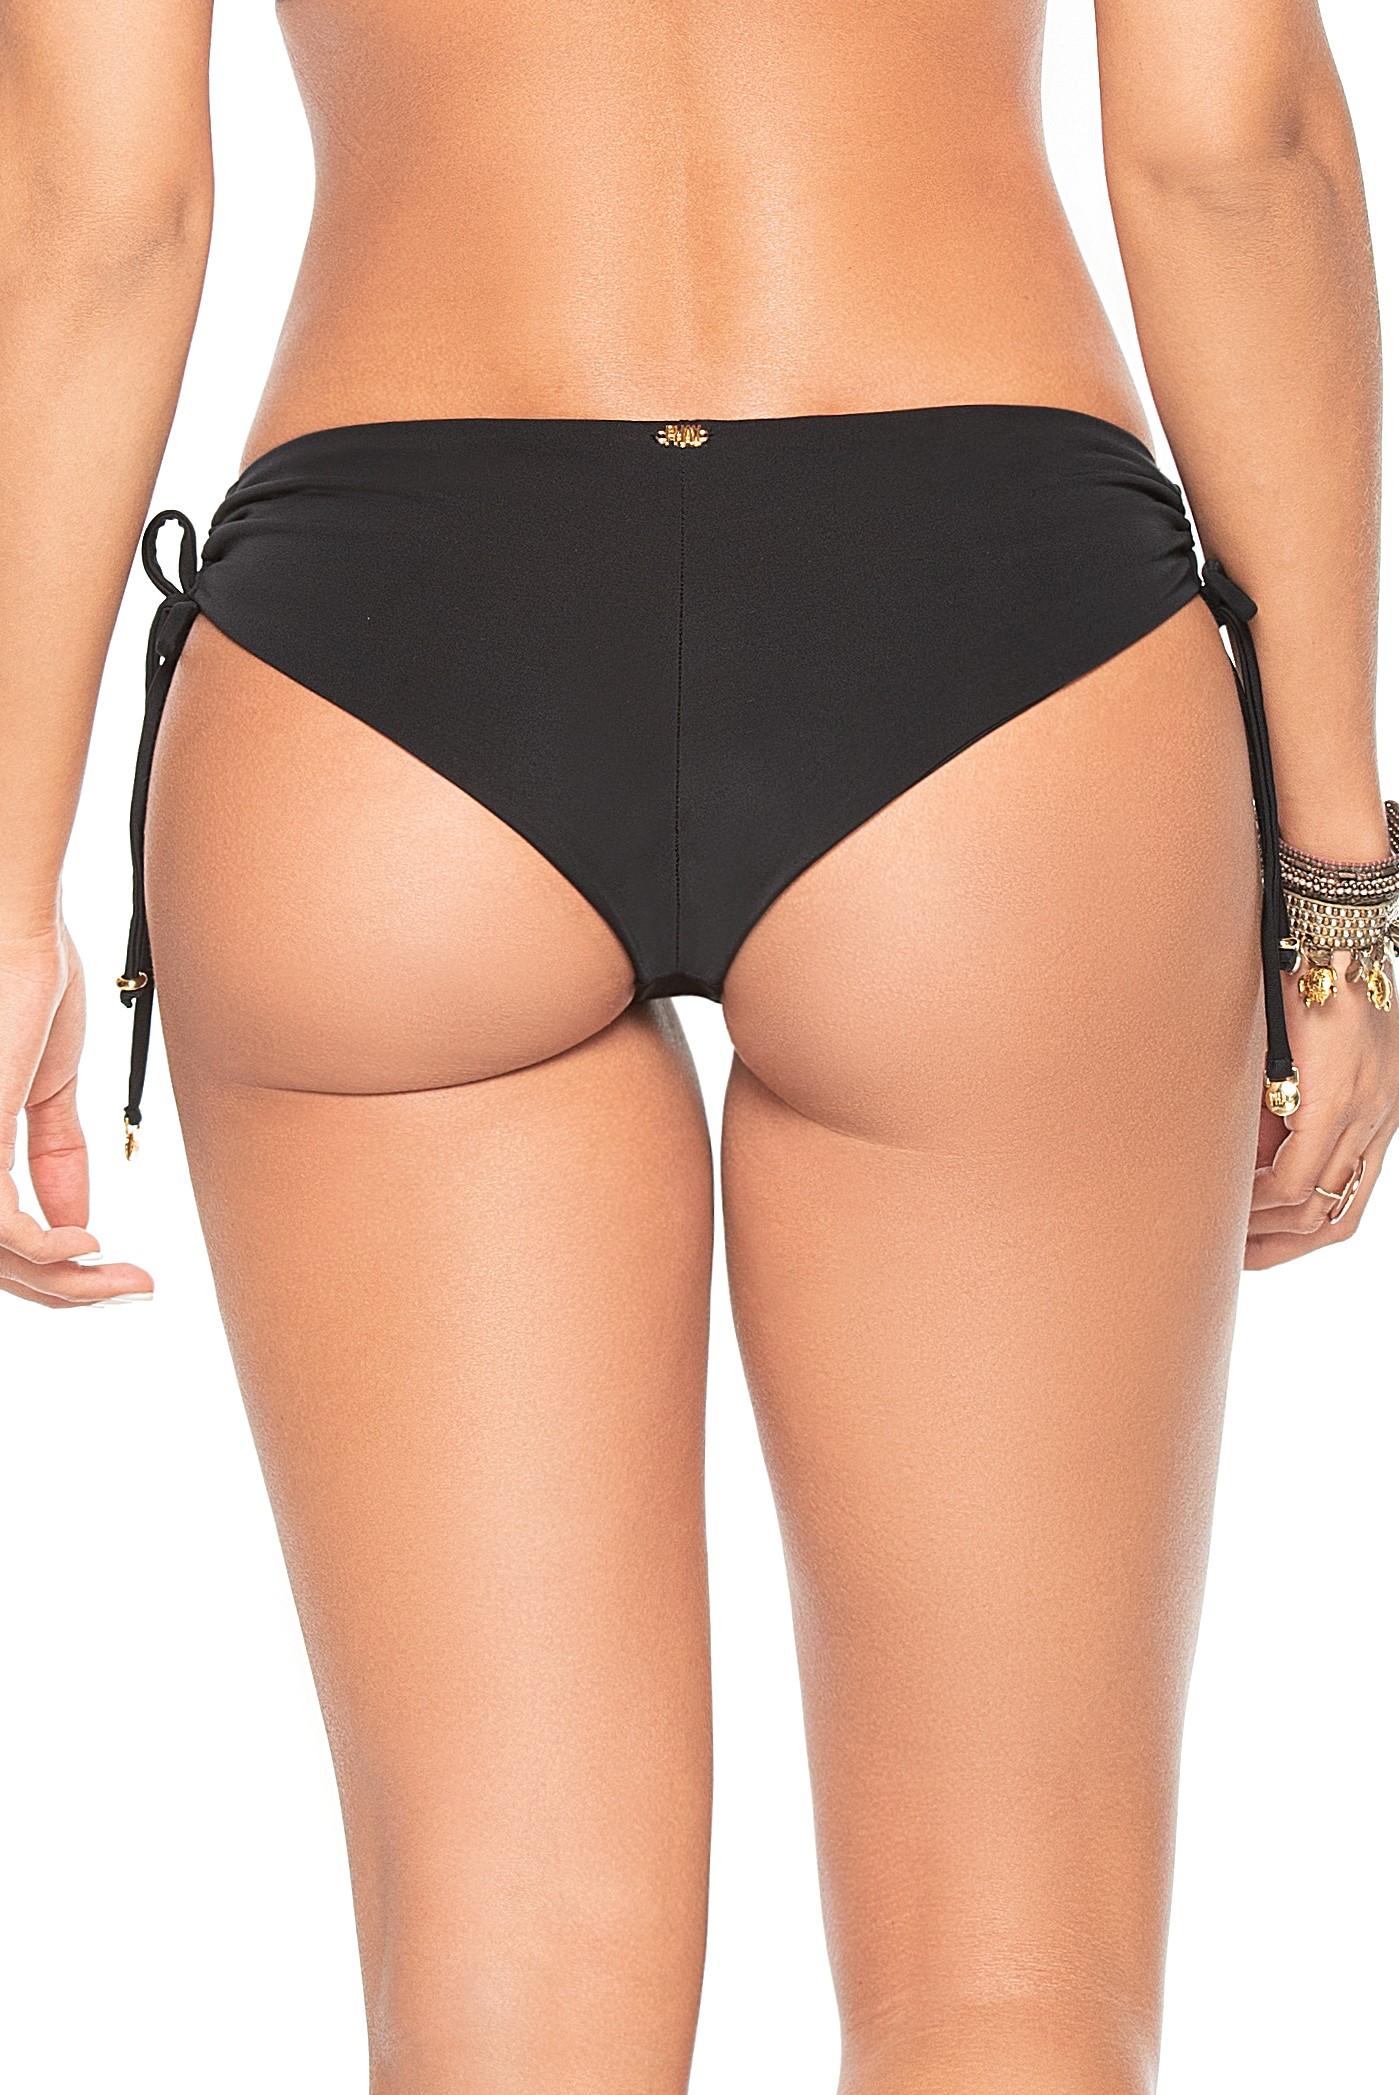 Phax Zwart Cheeky Bikini Broekje